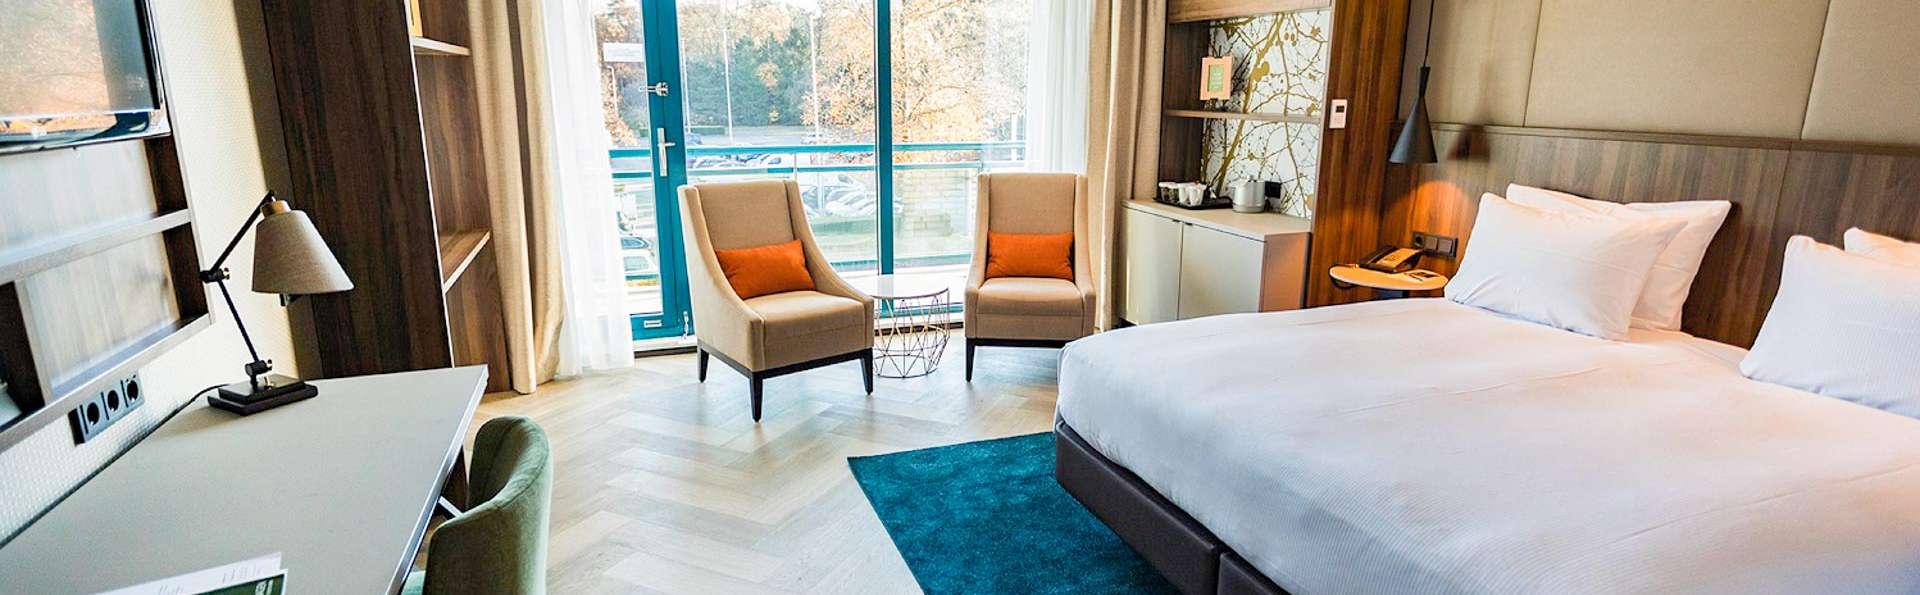 DoubleTree by Hilton Royal Parc Soestduinen - EDIT_N3_ROOM_04.jpg